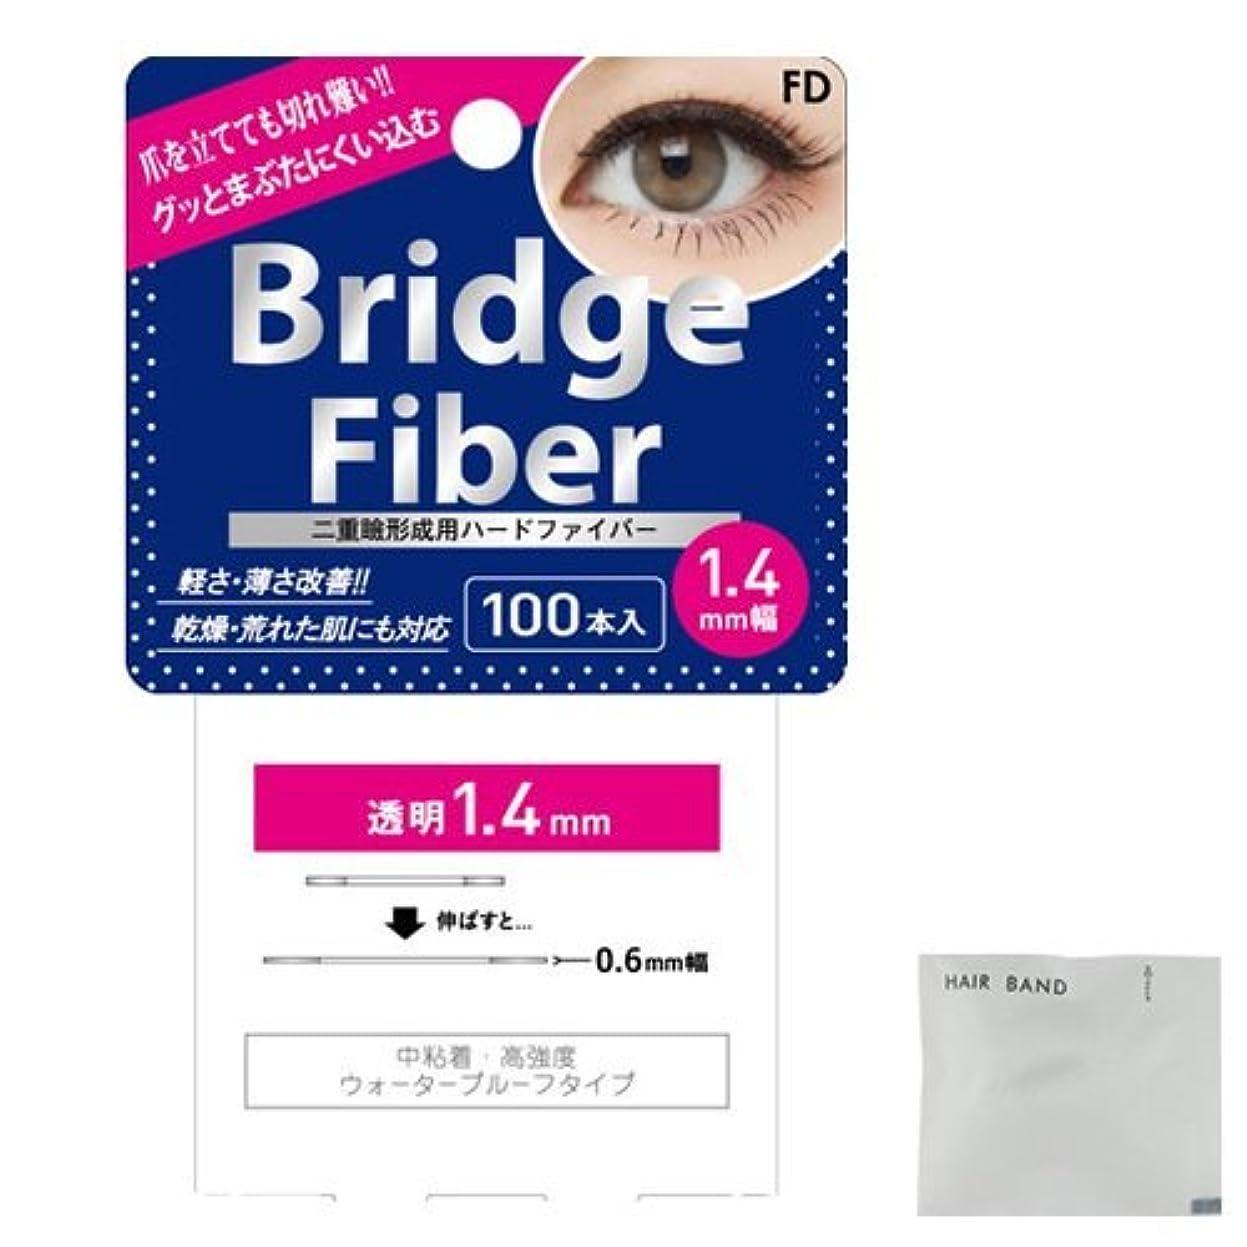 頼む散る変数FD ブリッジファイバーⅡ (Bridge Fiber) クリア1.4mm + ヘアゴム(カラーはおまかせ)セット